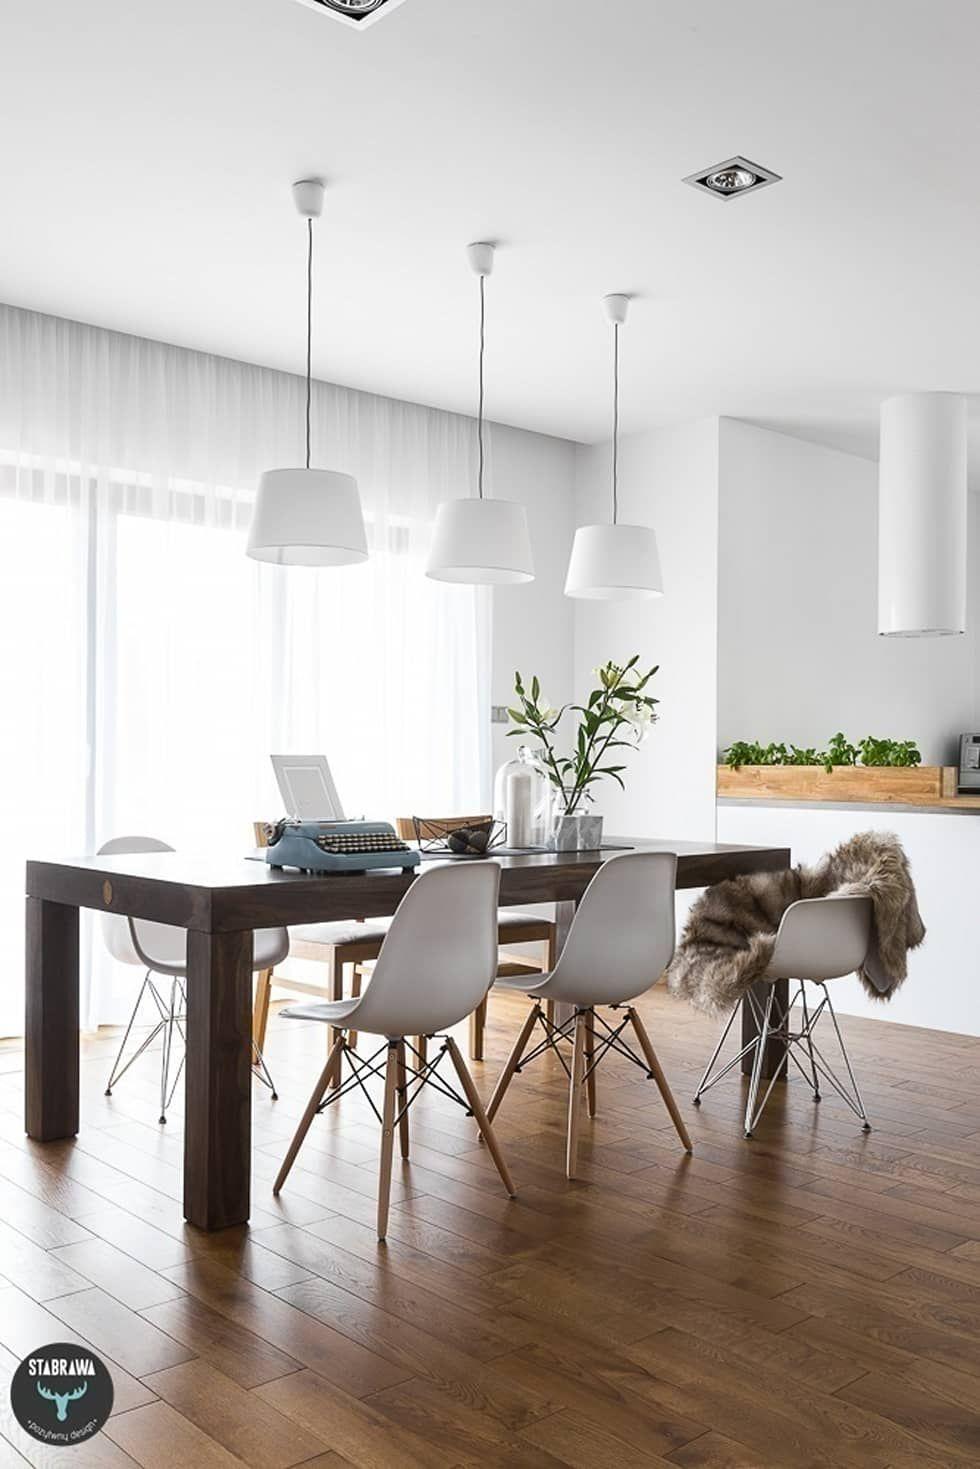 Esszimmer skandinavisch  Wohnideen, Interior Design, Einrichtungsideen & Bilder ...